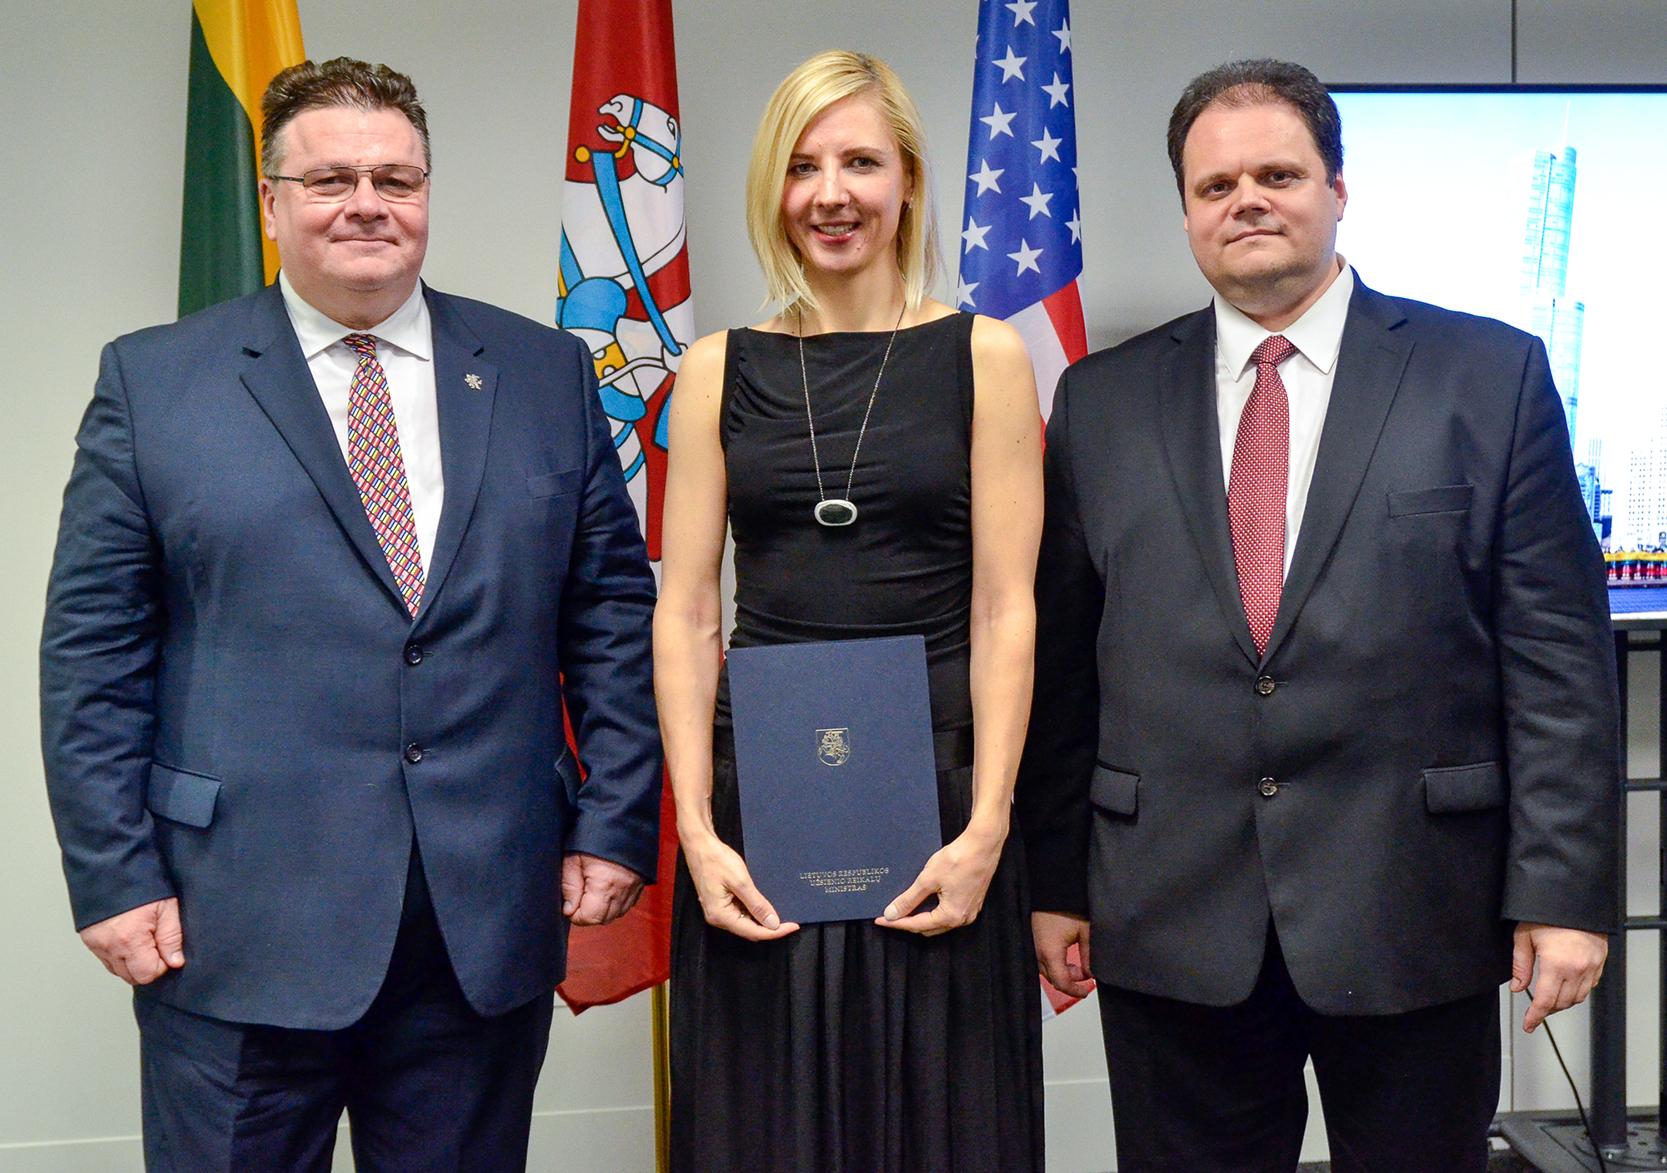 Iškilminga akimirka – su LR užsienio reikalų ministru Linu Linkevičiumi (k.) ir generaliniu konsulu M. Gudynu.